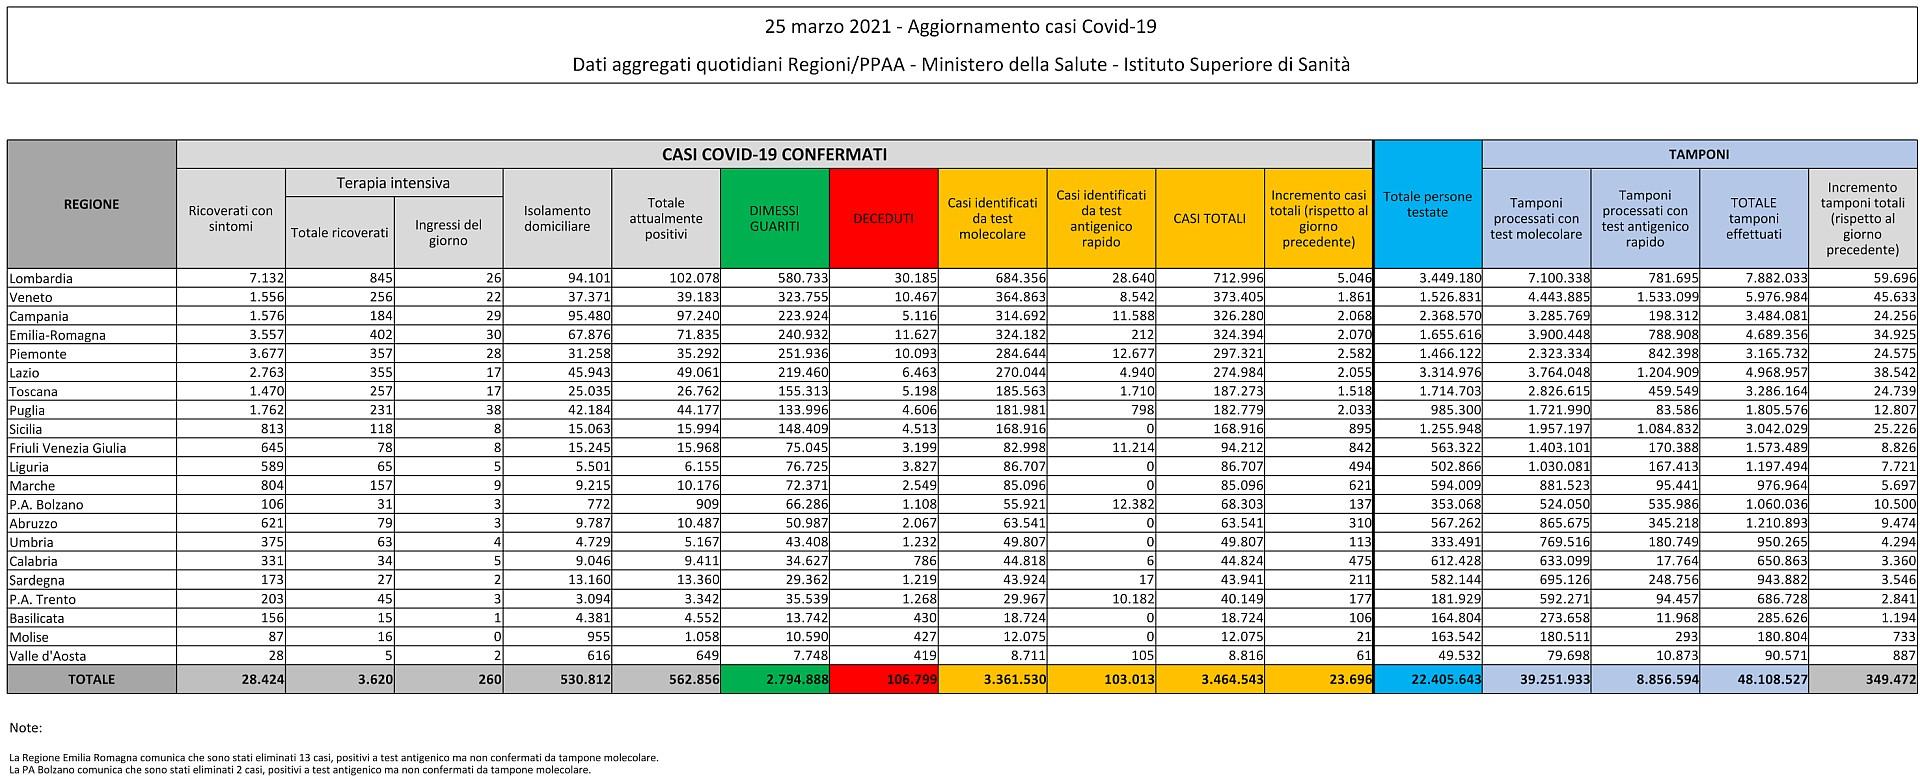 25 marzo 2021 - Aggiornamento casi Covid-19 Dati aggregati quotidiani Regioni/PPAA - Ministero della Salute - Istituto Superiore di Sanità